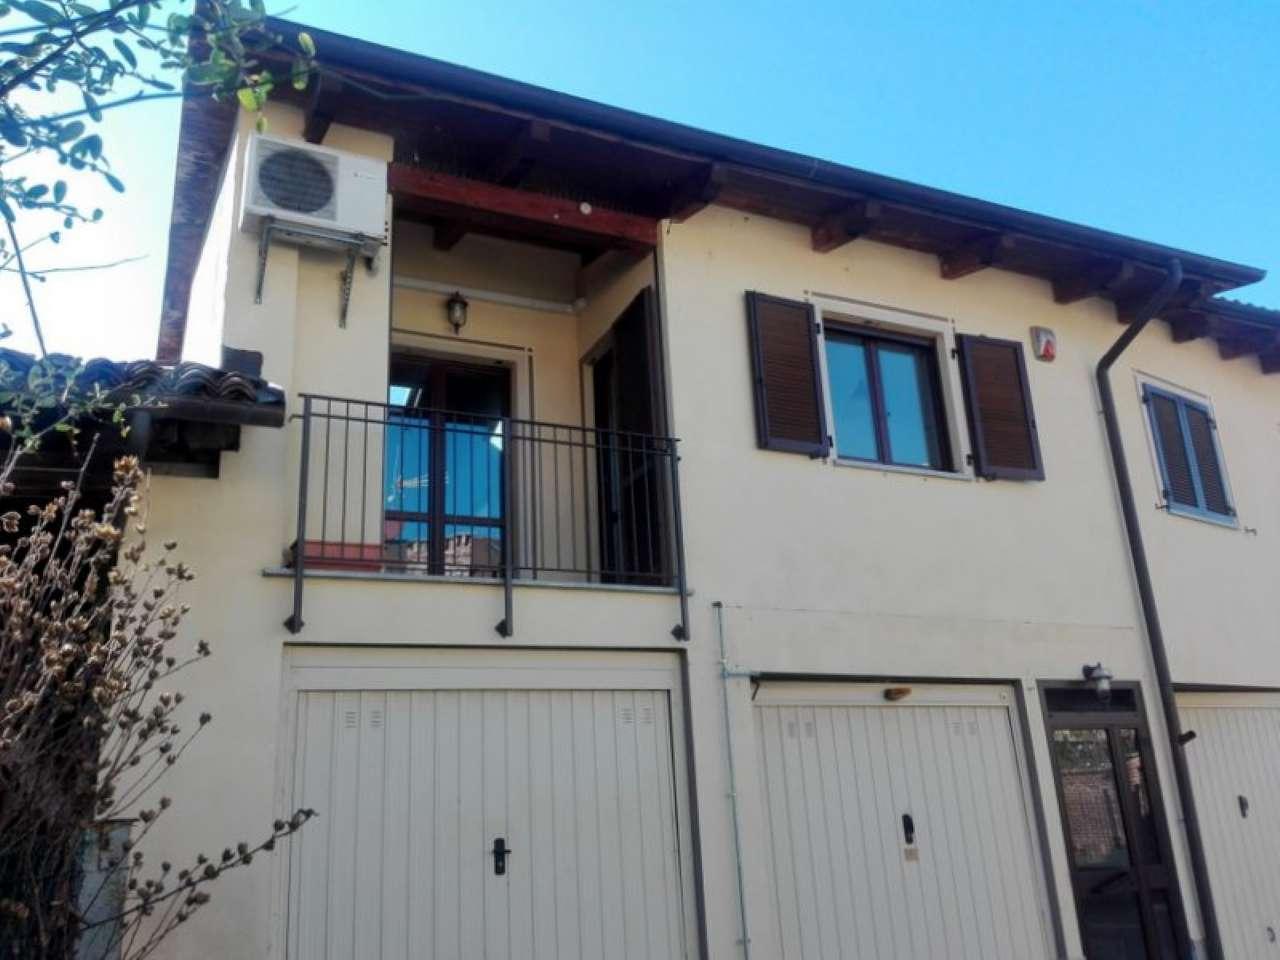 Appartamento in vendita a Buttigliera d'Asti, 3 locali, prezzo € 98.000 | CambioCasa.it